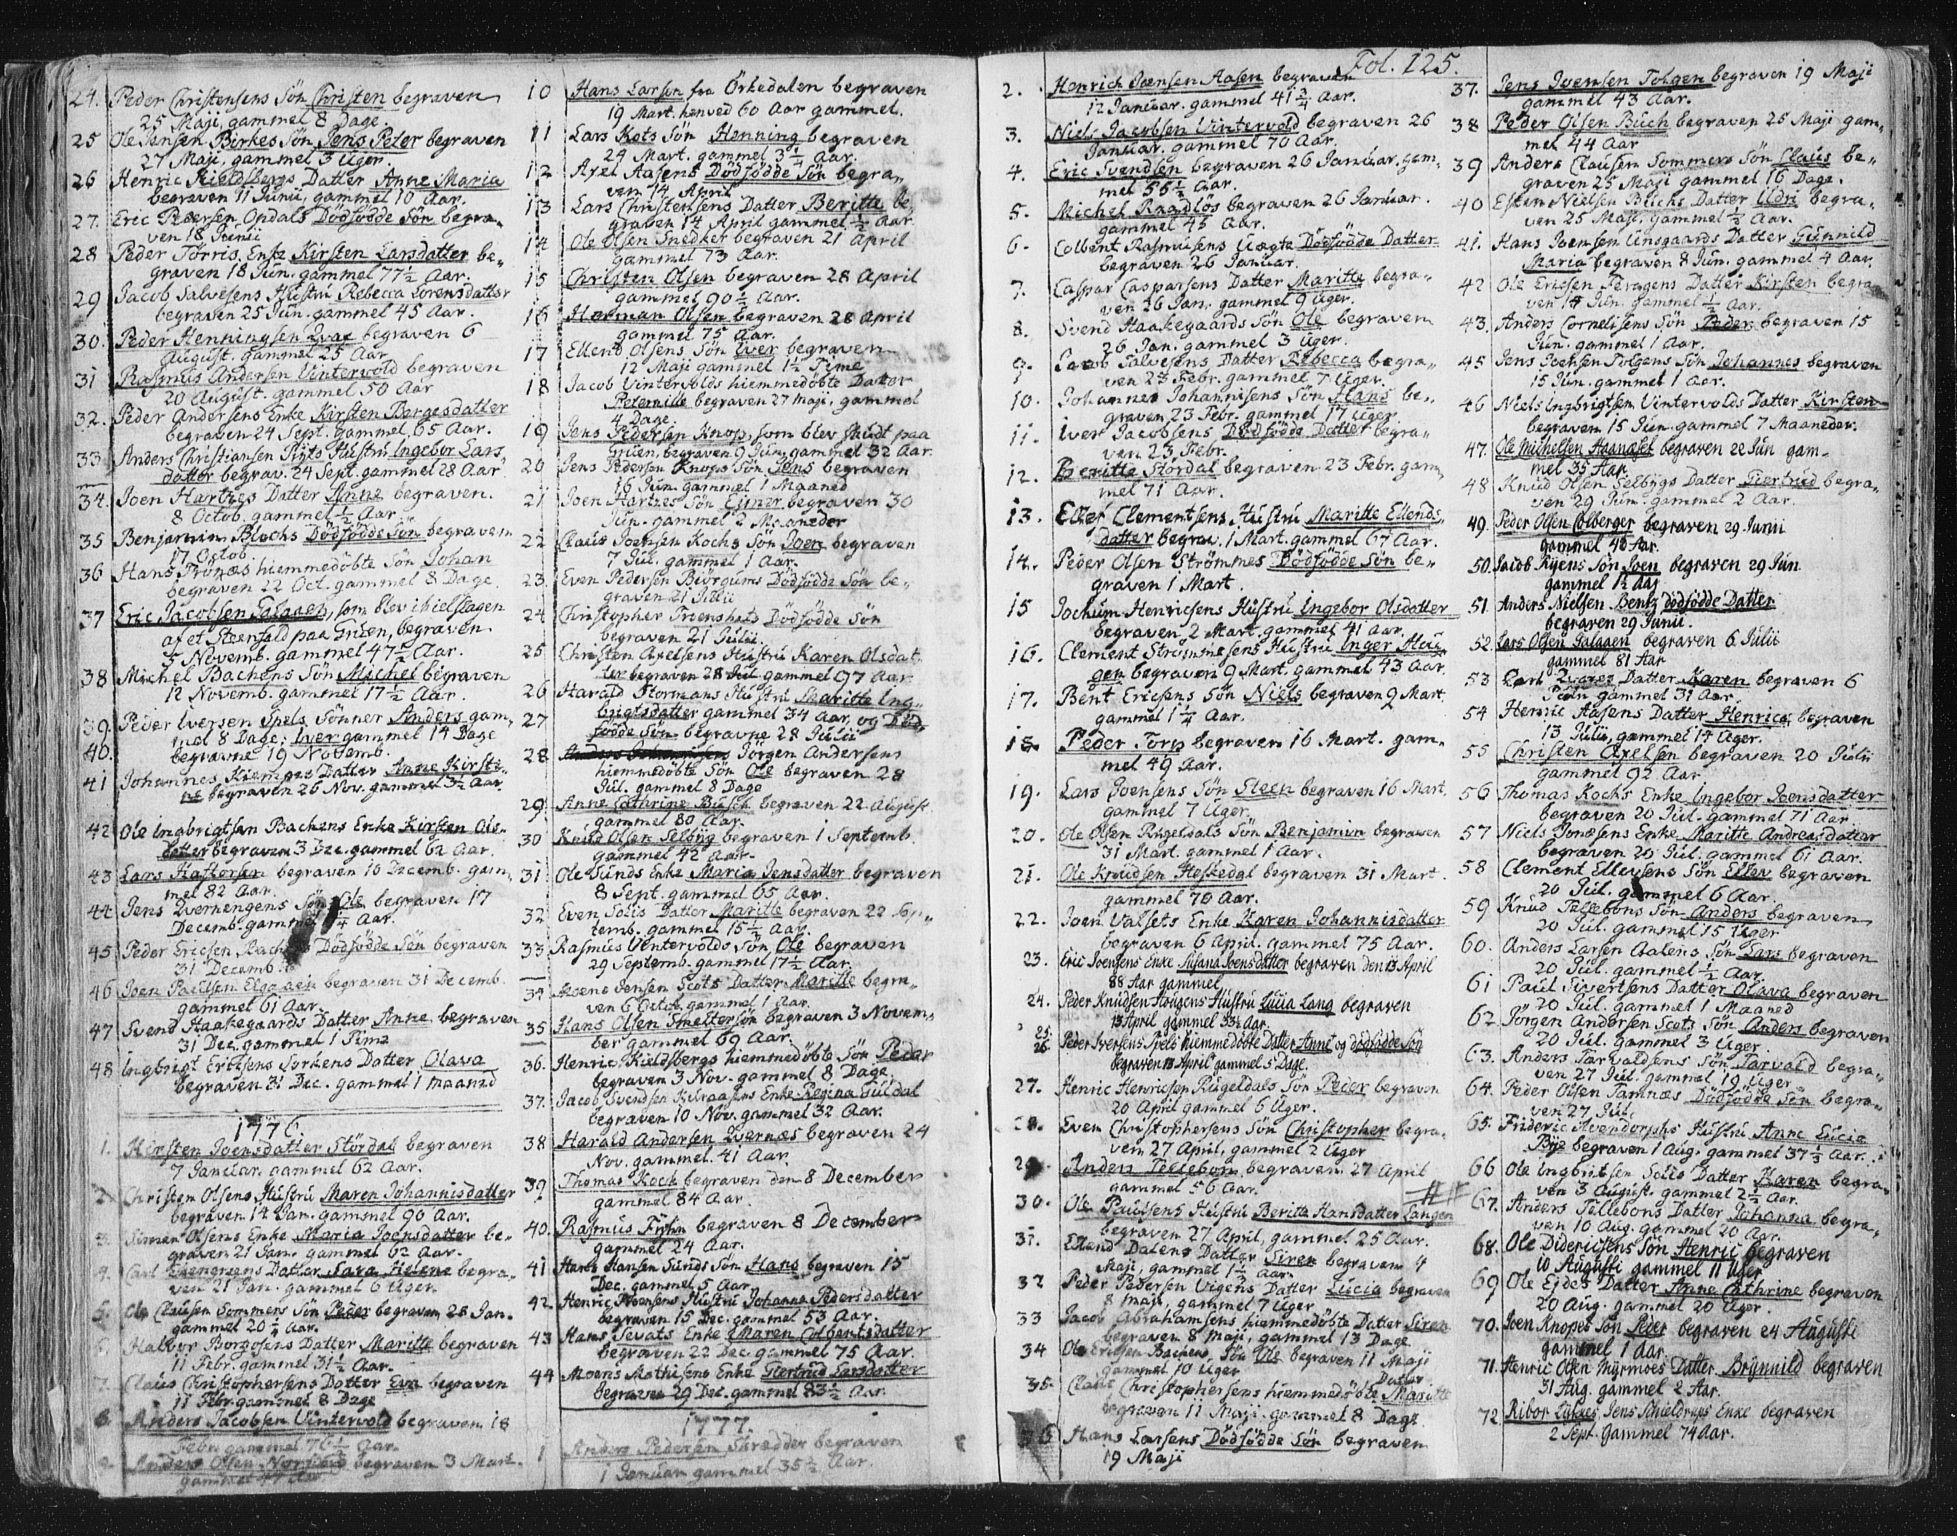 SAT, Ministerialprotokoller, klokkerbøker og fødselsregistre - Sør-Trøndelag, 681/L0926: Ministerialbok nr. 681A04, 1767-1797, s. 125